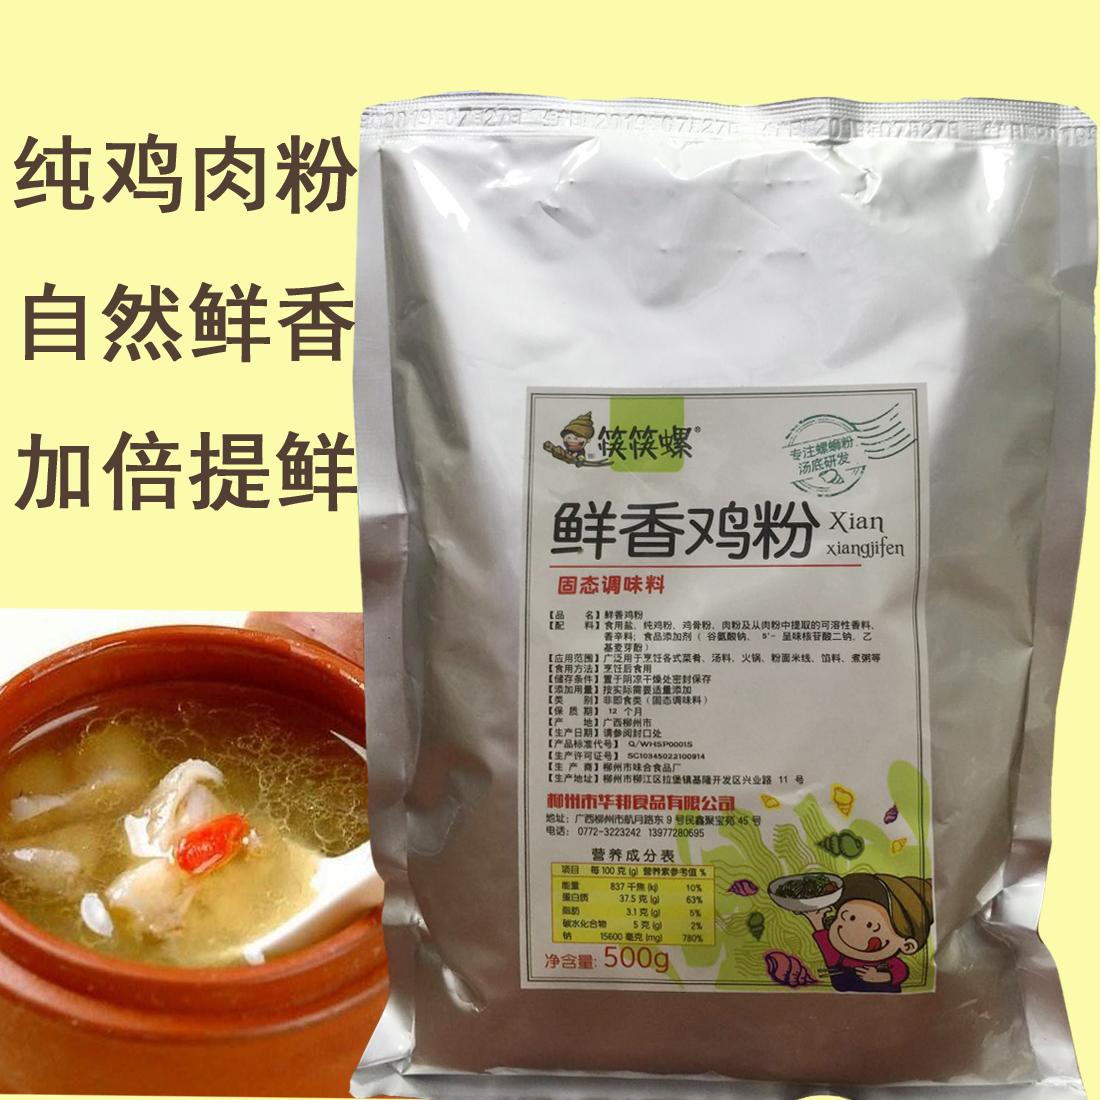 鲜香鸡粉炒菜煲汤汤底提鲜鸡肉香精粉增香商用香精香料汤水调味料